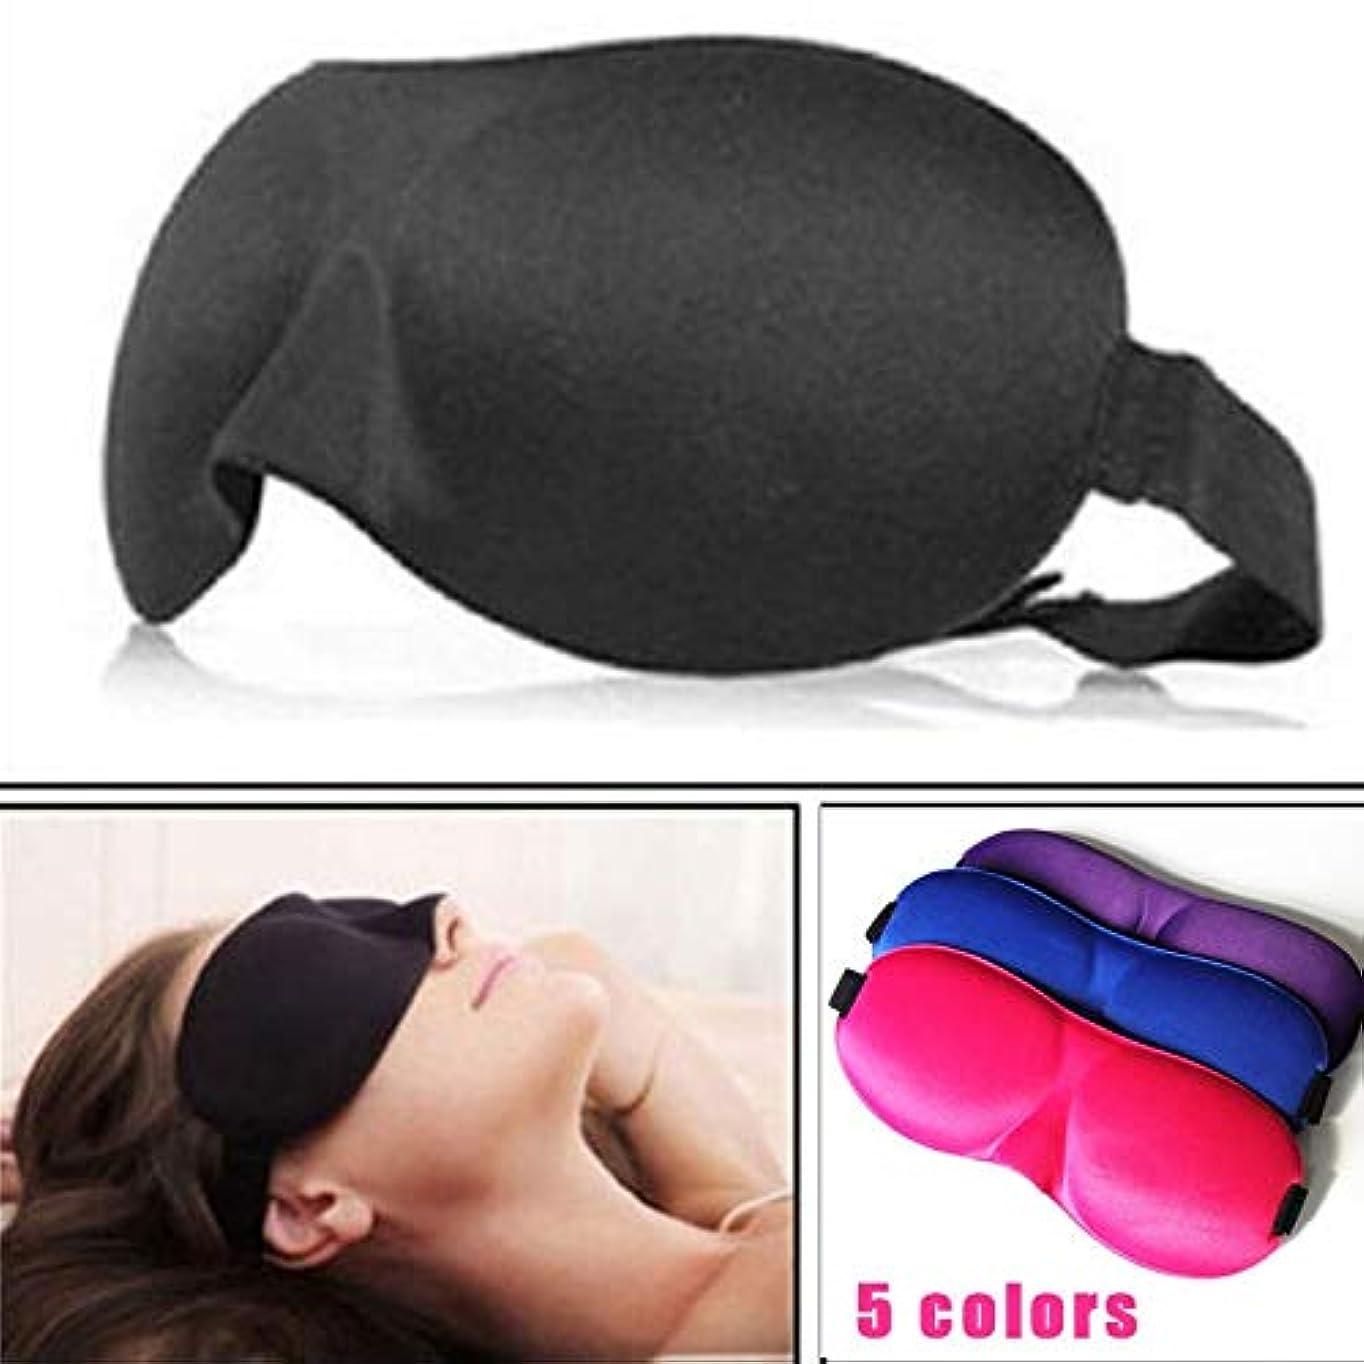 ボタン葉っぱ不一致NOTE OPHAX 3D超ソフト睡眠アイマスク睡眠旅行睡眠休息補助アイマスクカバーアイパッチポータブル睡眠マスク目隠し